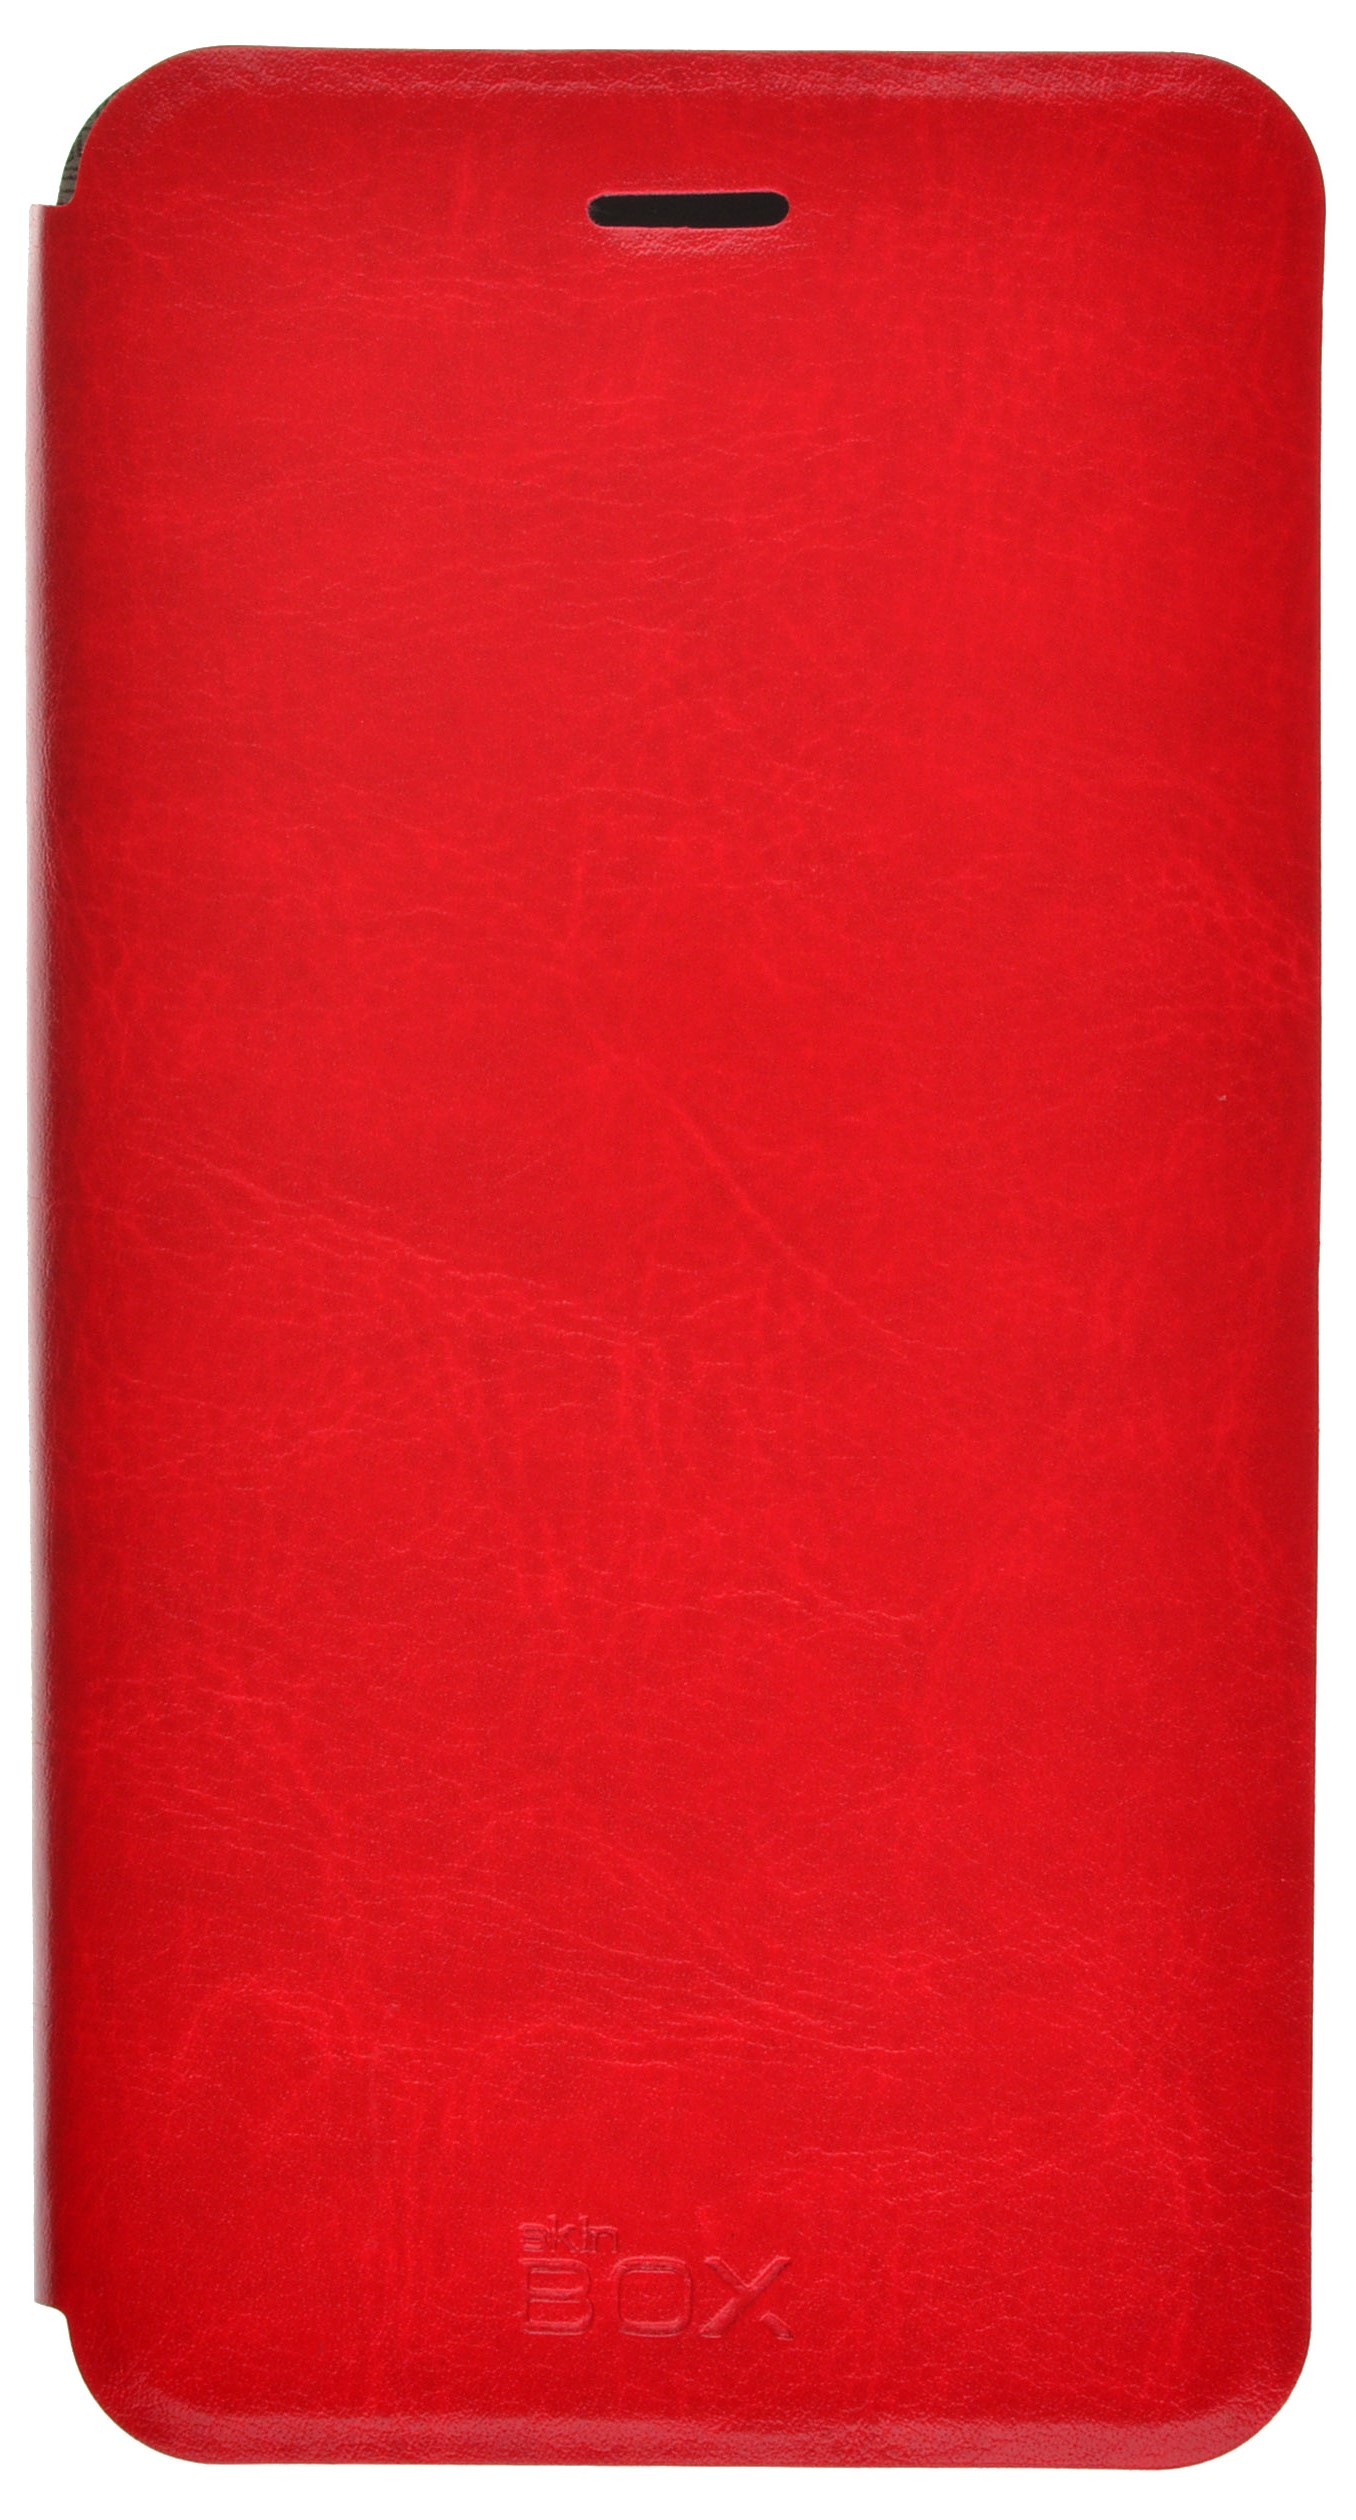 Чехол для сотового телефона skinBOX Lux, 4630042528338, красный чехол защитный skinbox samsung galaxy j7 prime galaxy on7 sm g600f